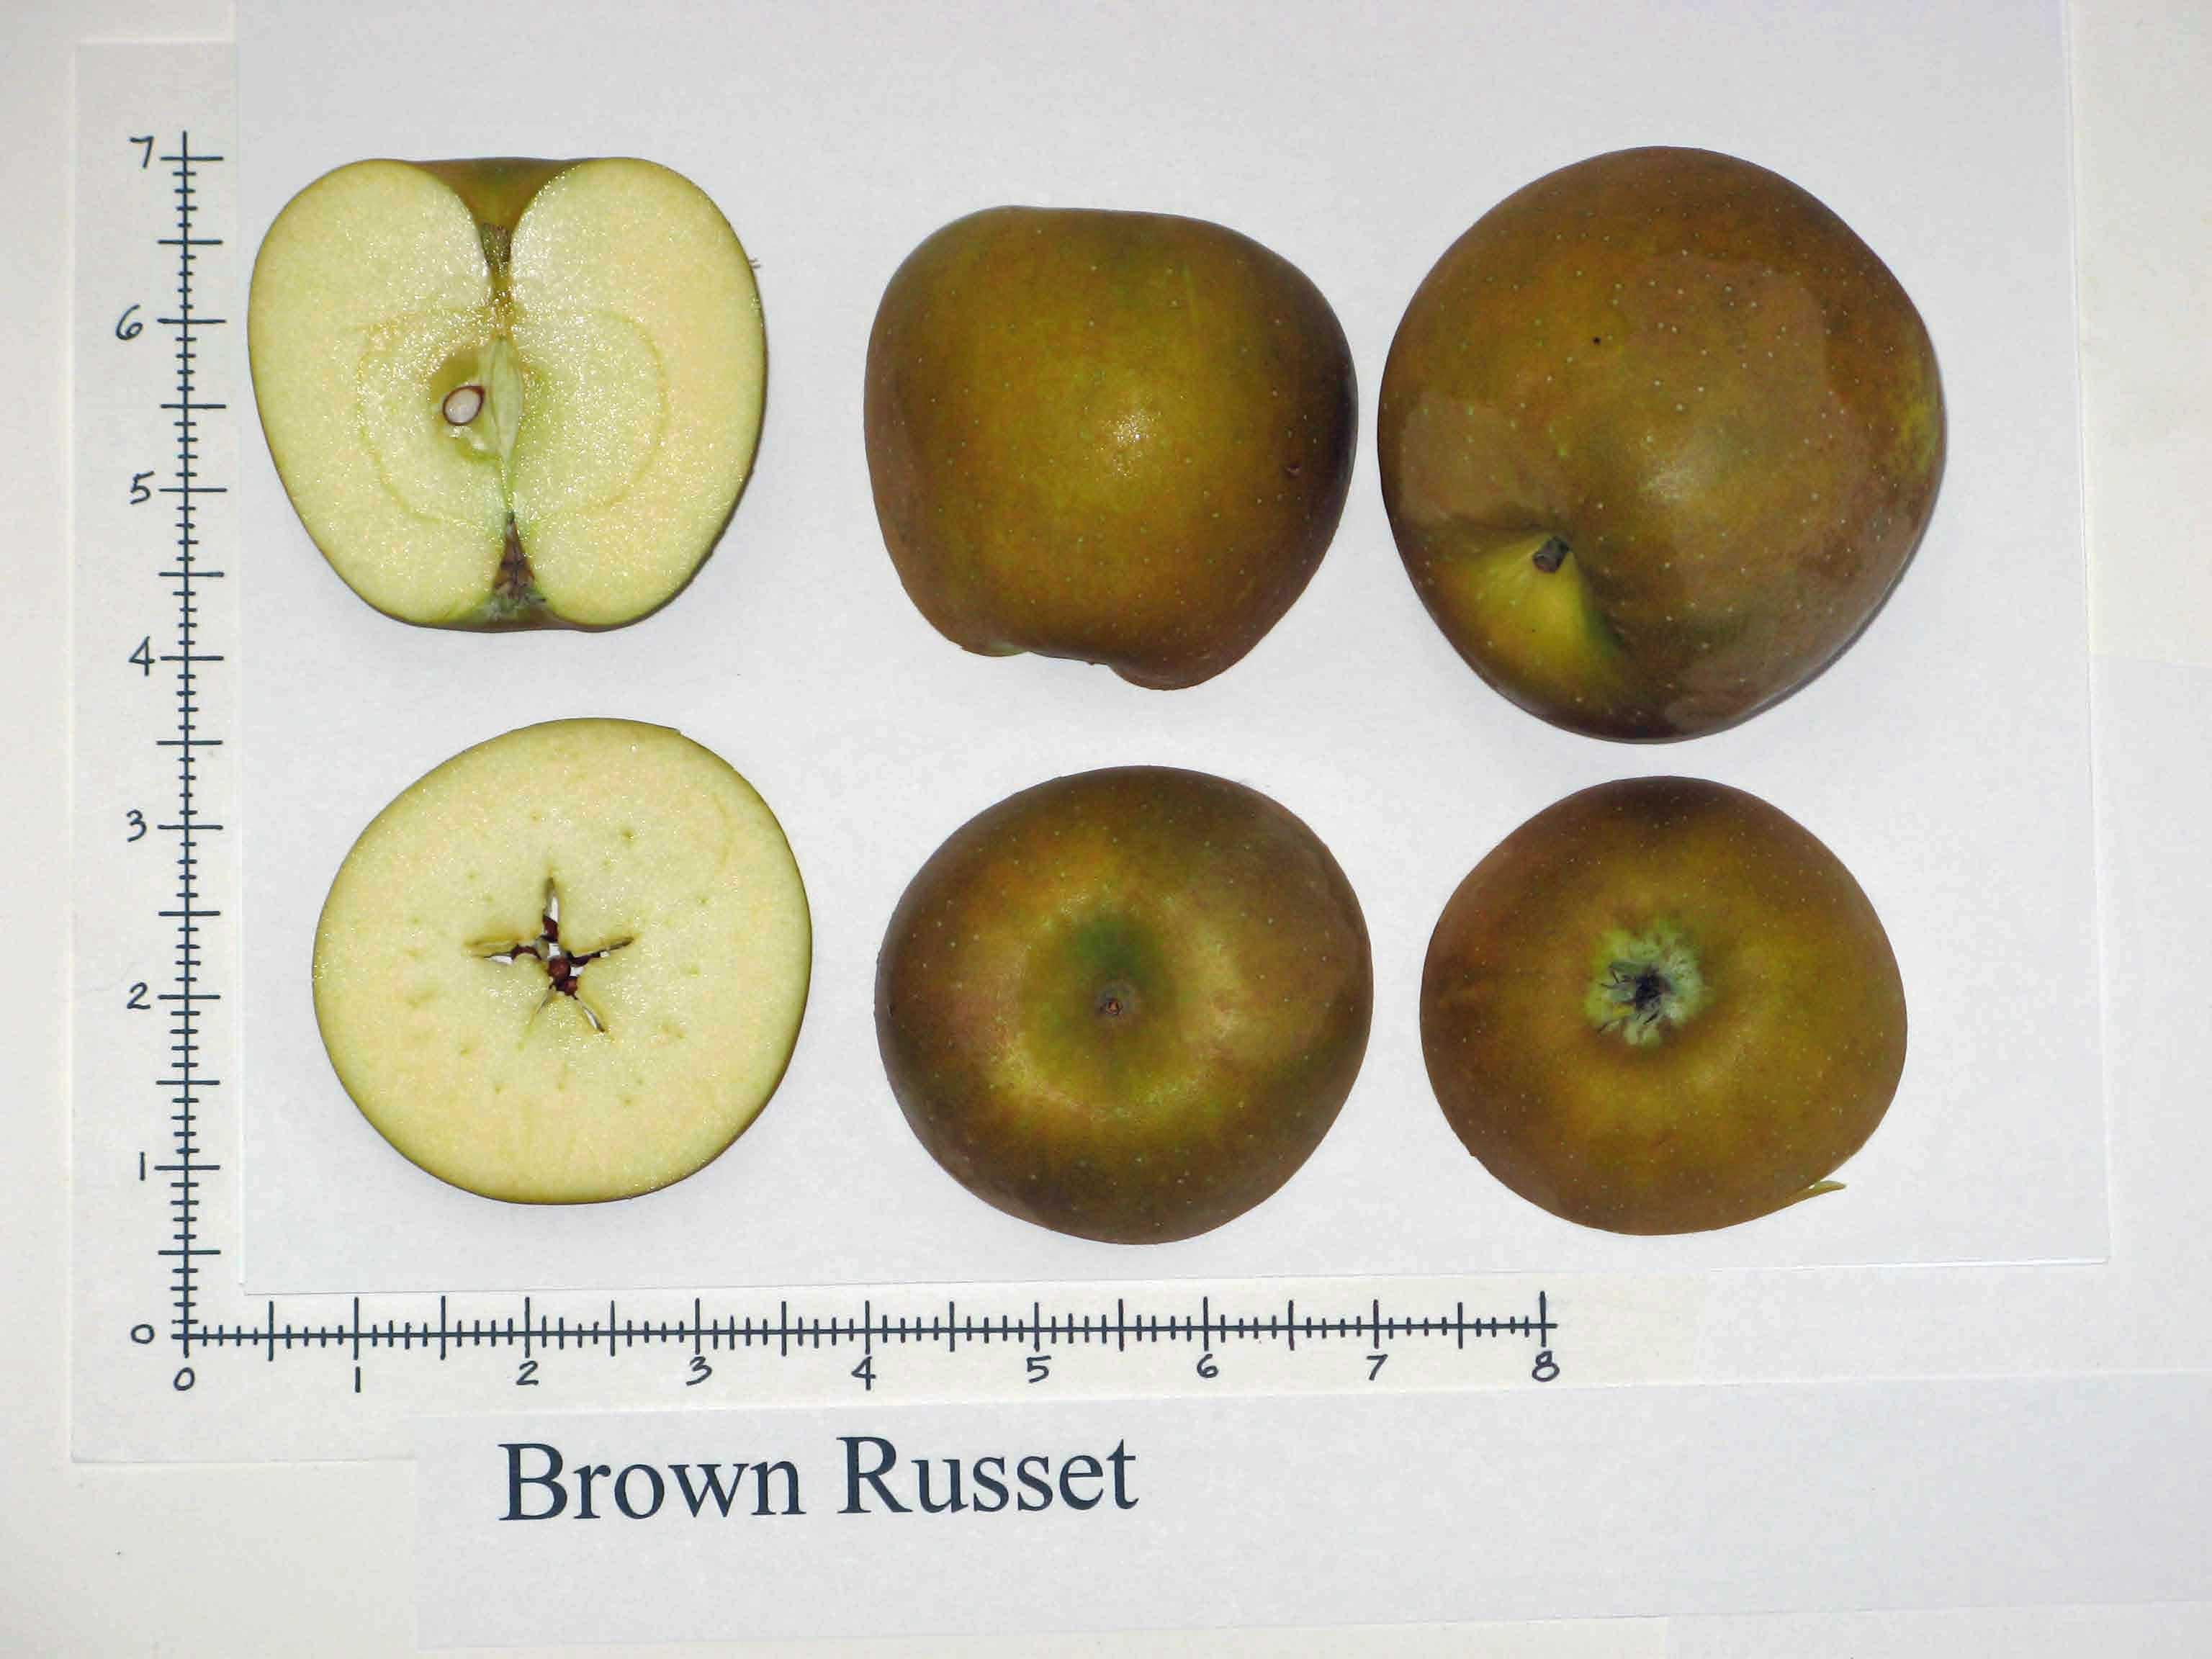 Brown Russet